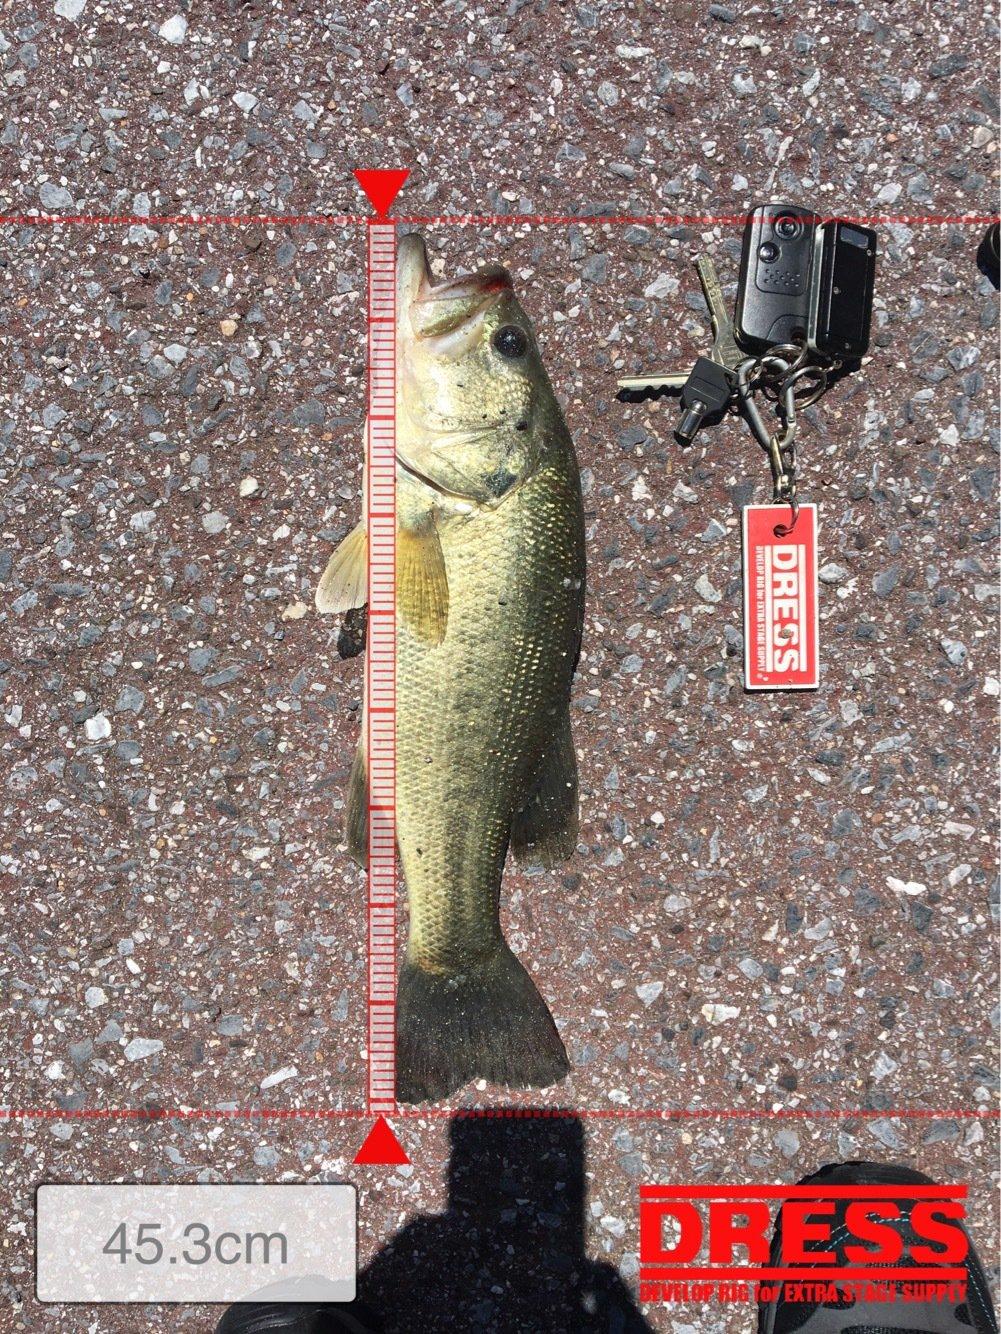 haru5427さんの投稿画像,写っている魚はブラックバス